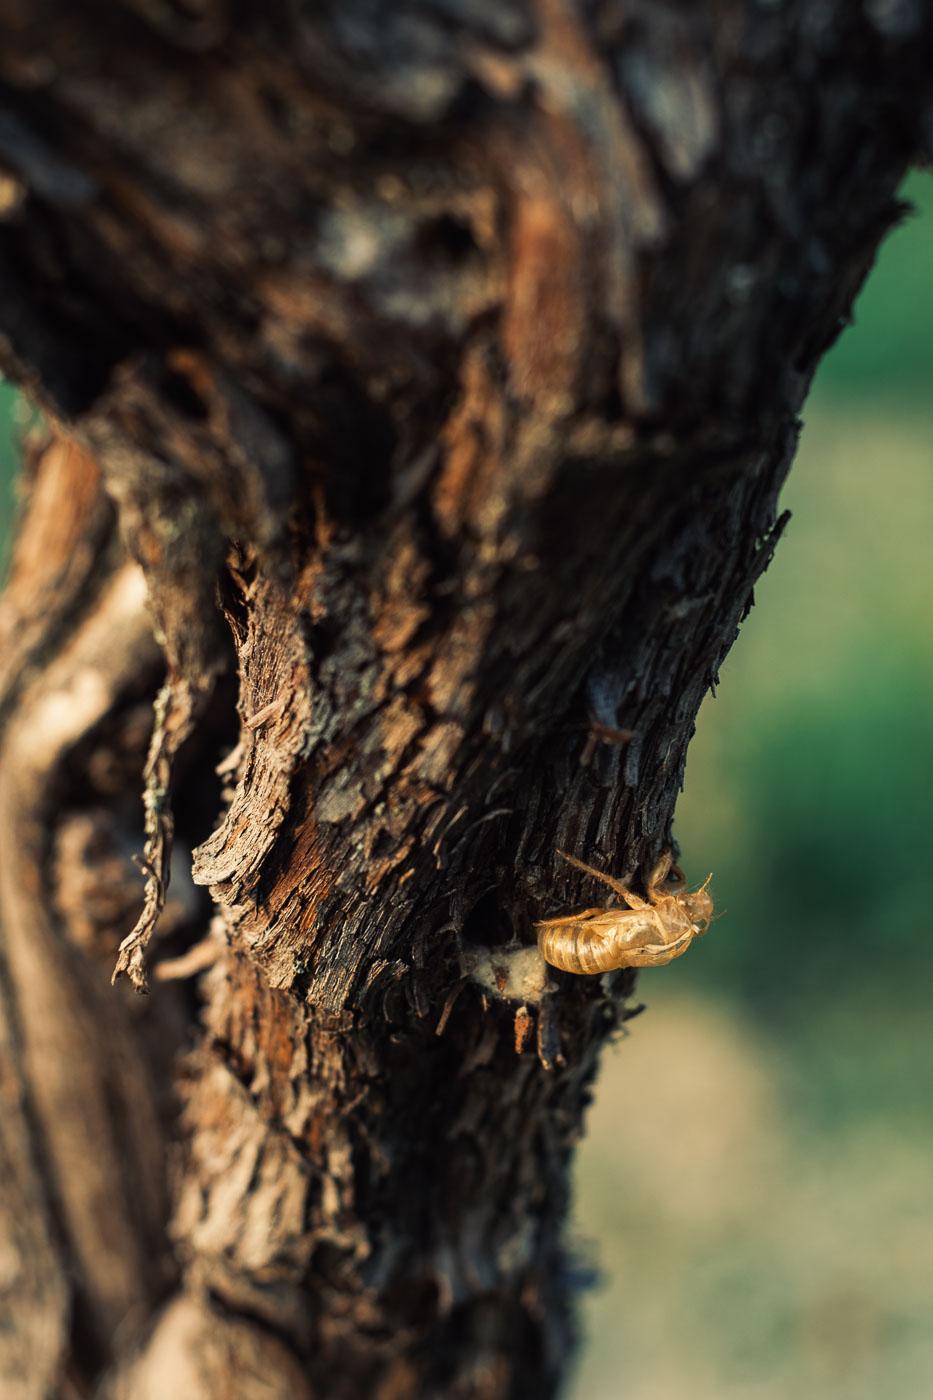 vendemmia-naturale-vino-uva-gambellara-garganega-maule-sauro-fotografo-rui-_RUI2781_p_Lr_web